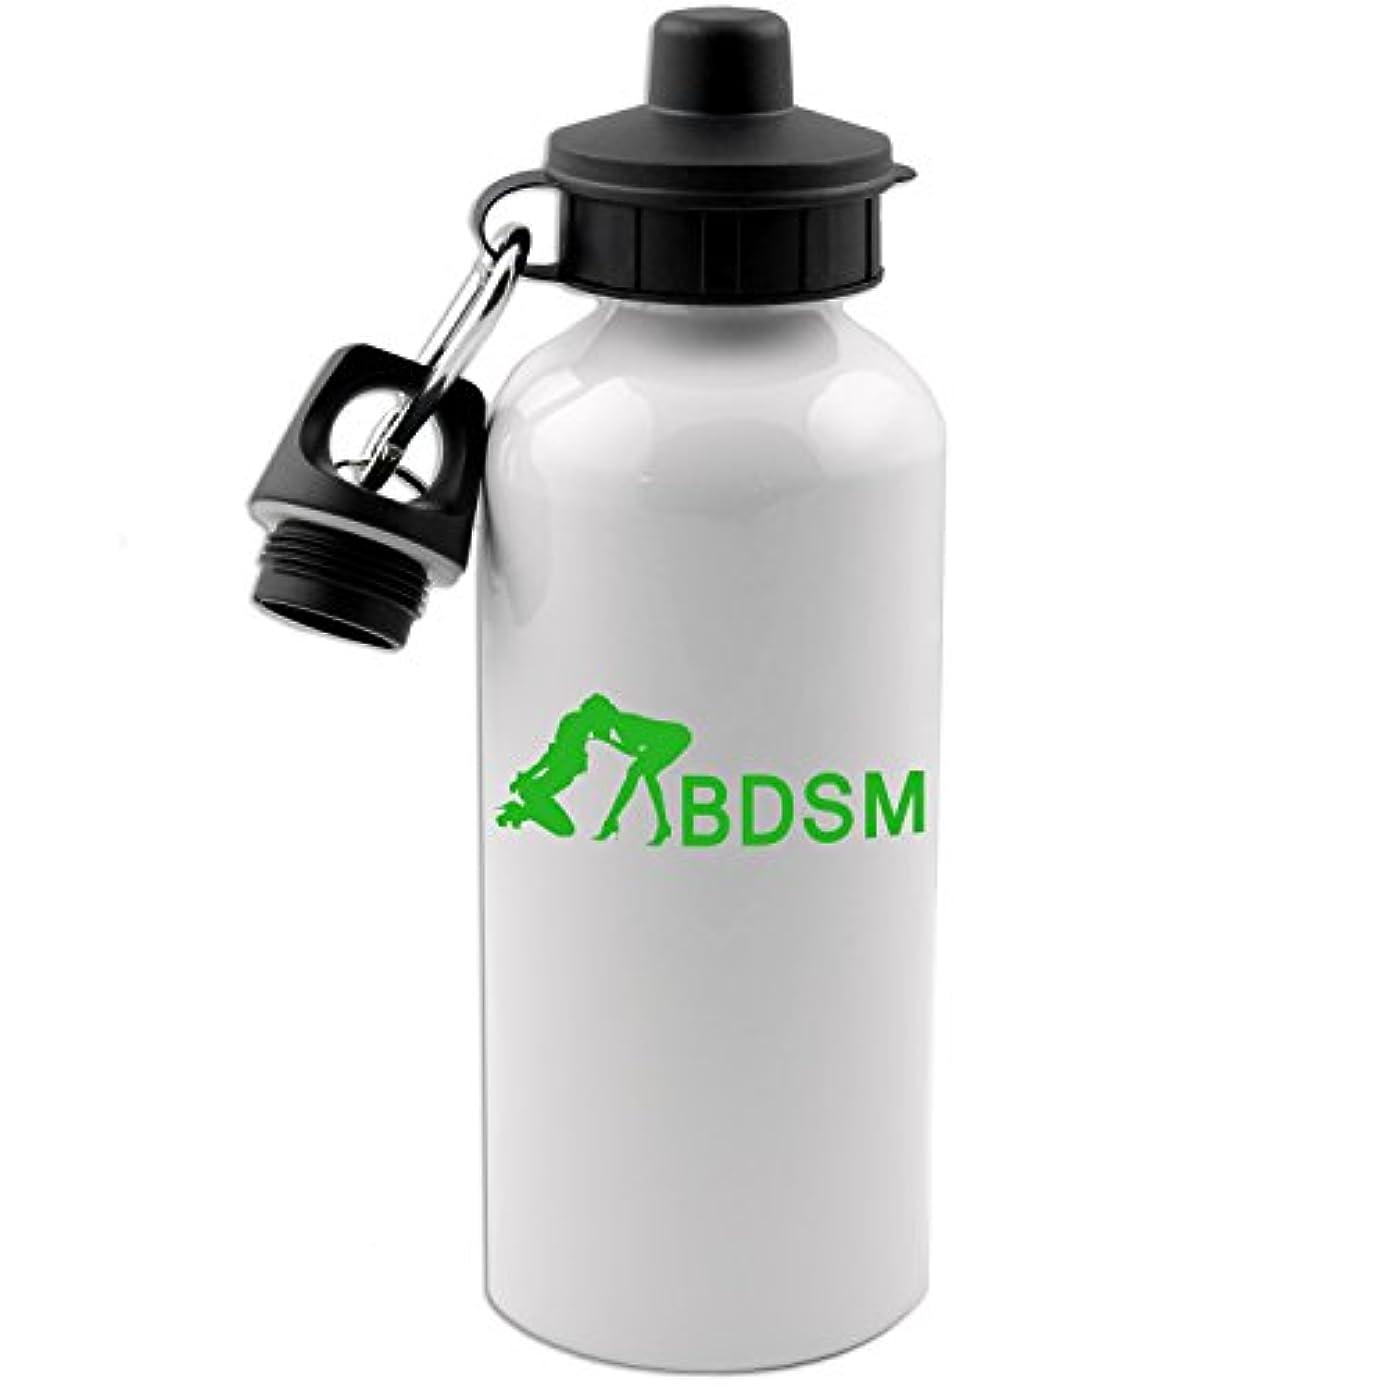 知覚的ロードブロッキング襟セクシーなBDSM 20 ozホワイトアルミニウム水ボトル